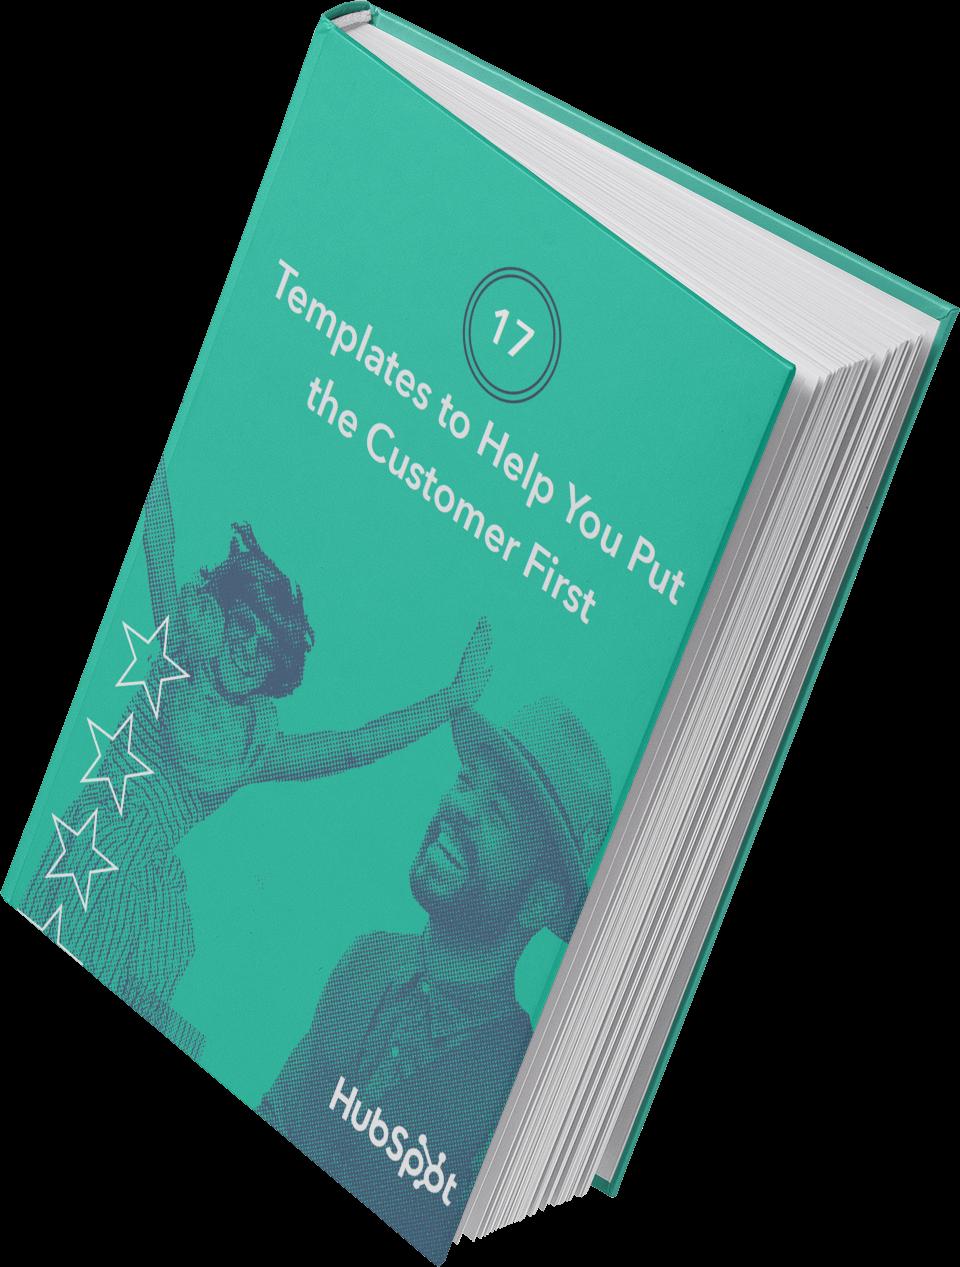 imagen de las plantillas de hubspot para ayudar a los lectores a poner al cliente en primer lugar